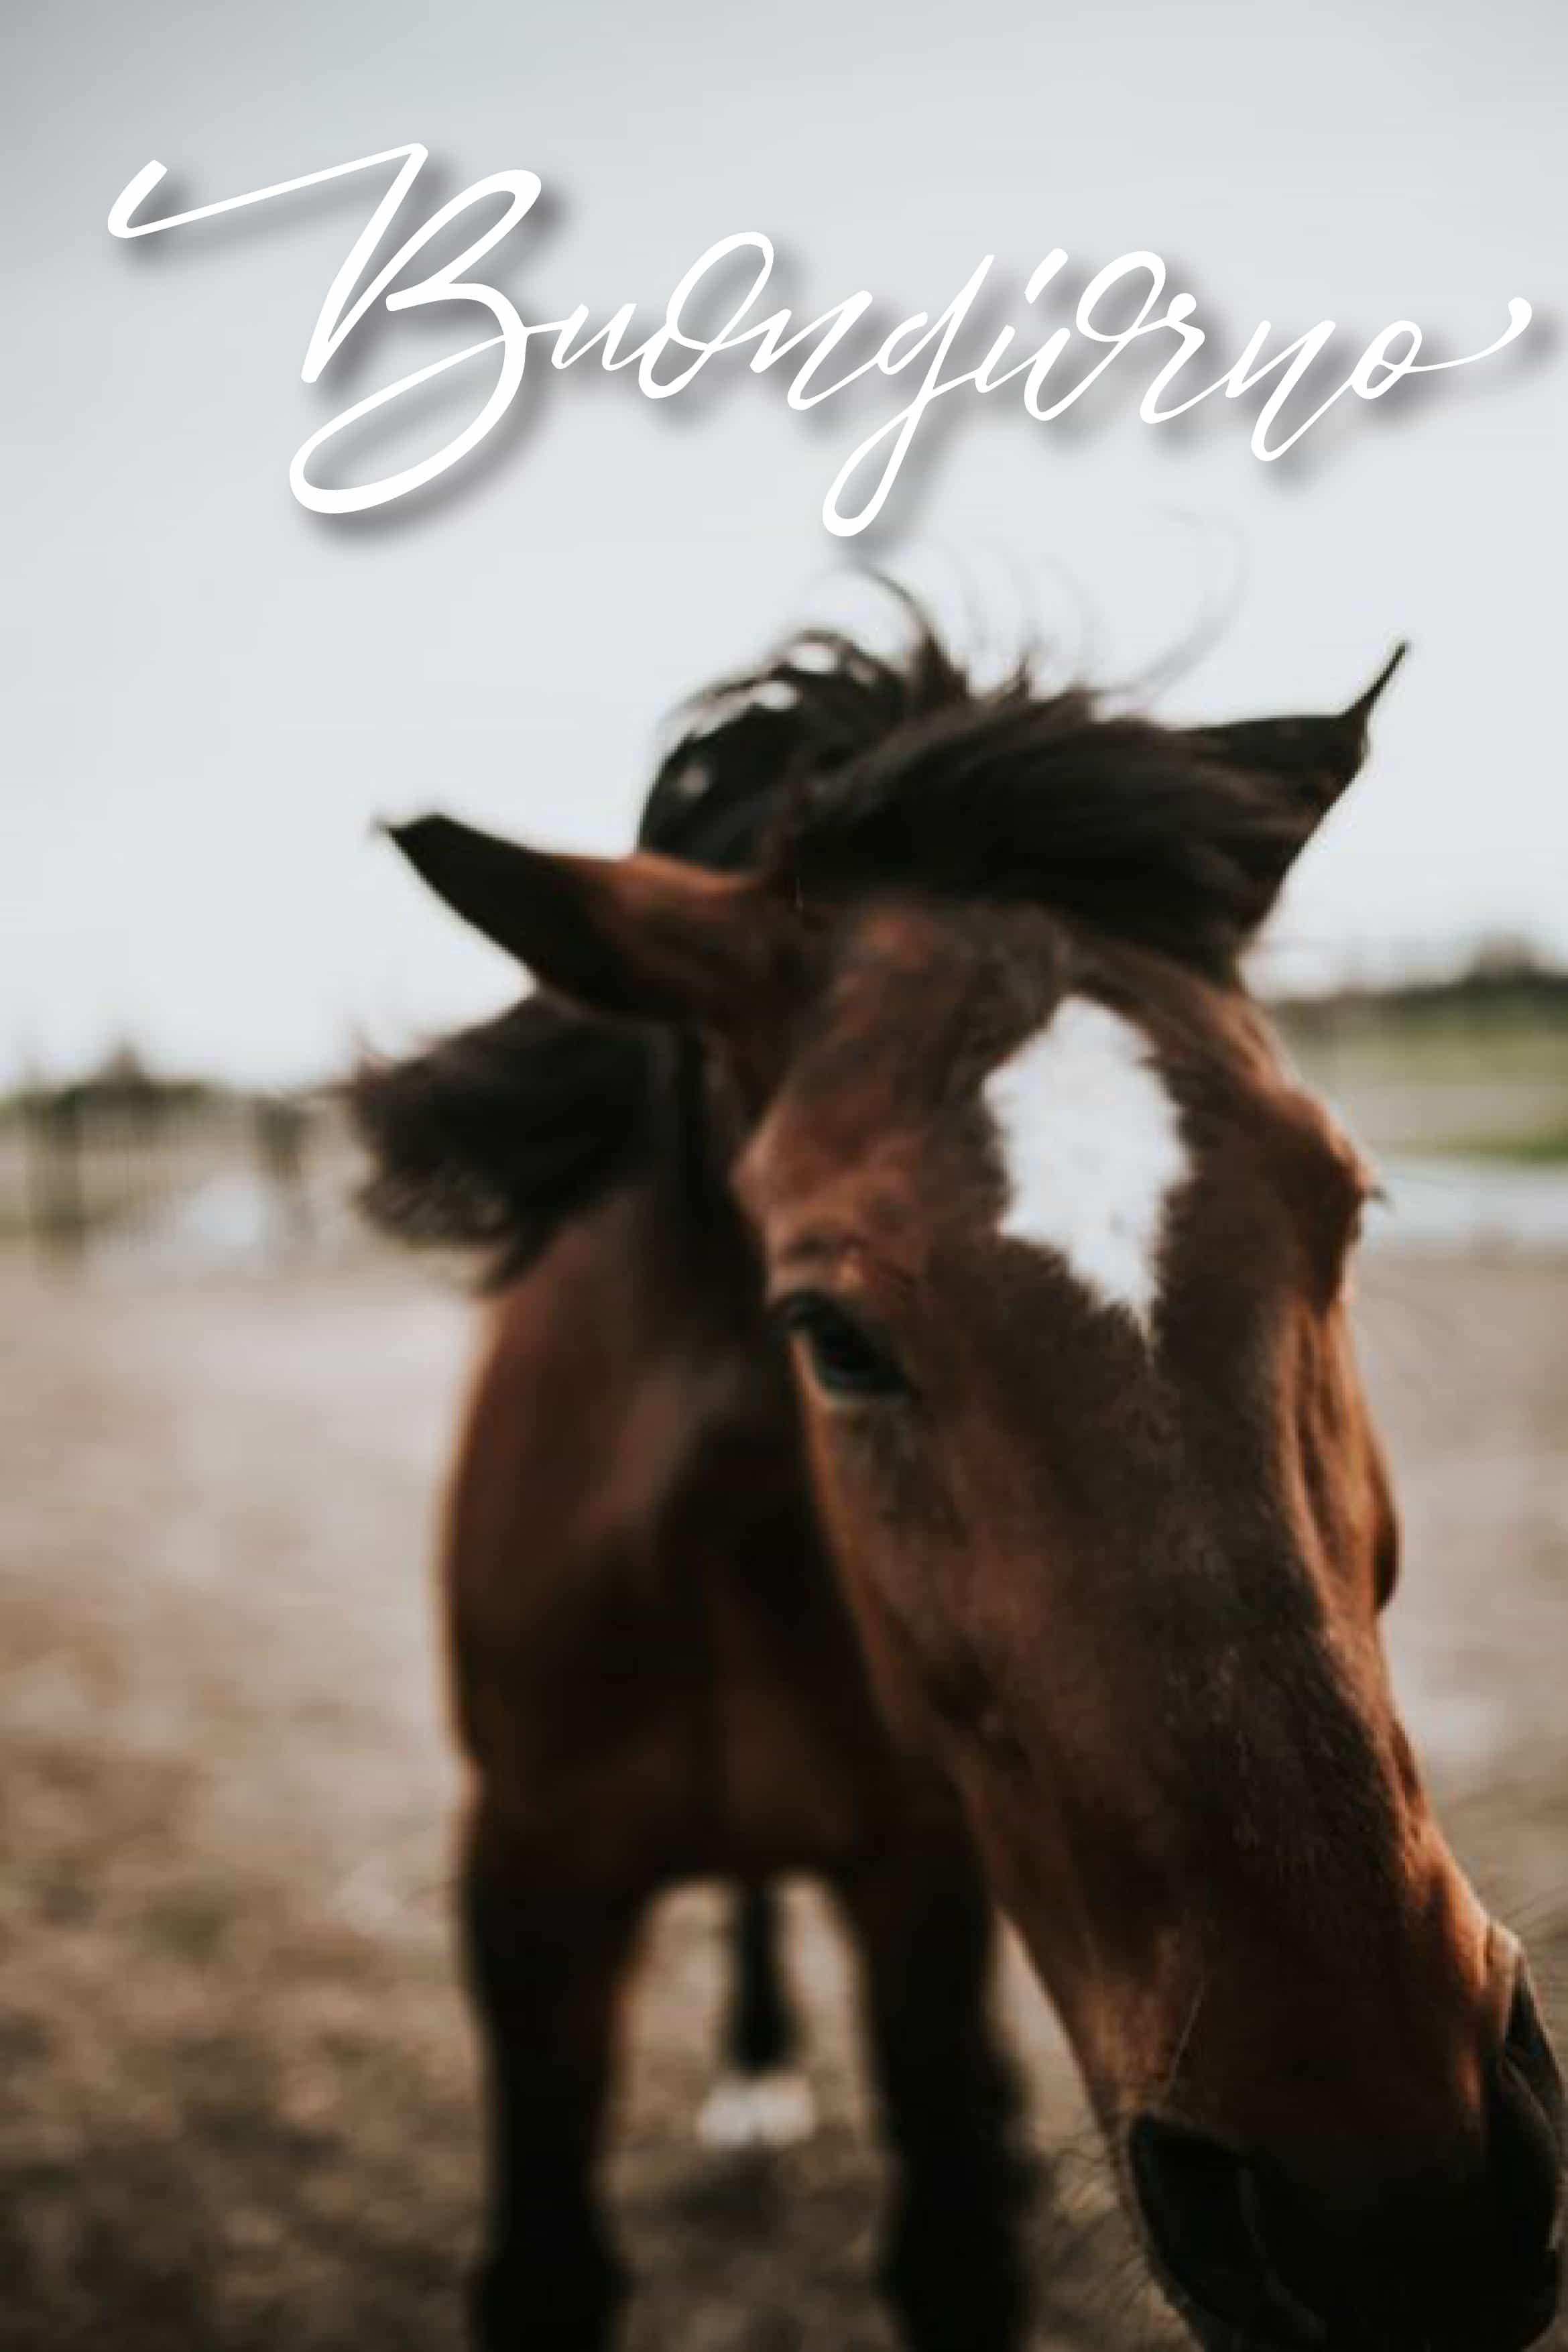 Buongiorno con animali simpatici! Saluti da un cavallo